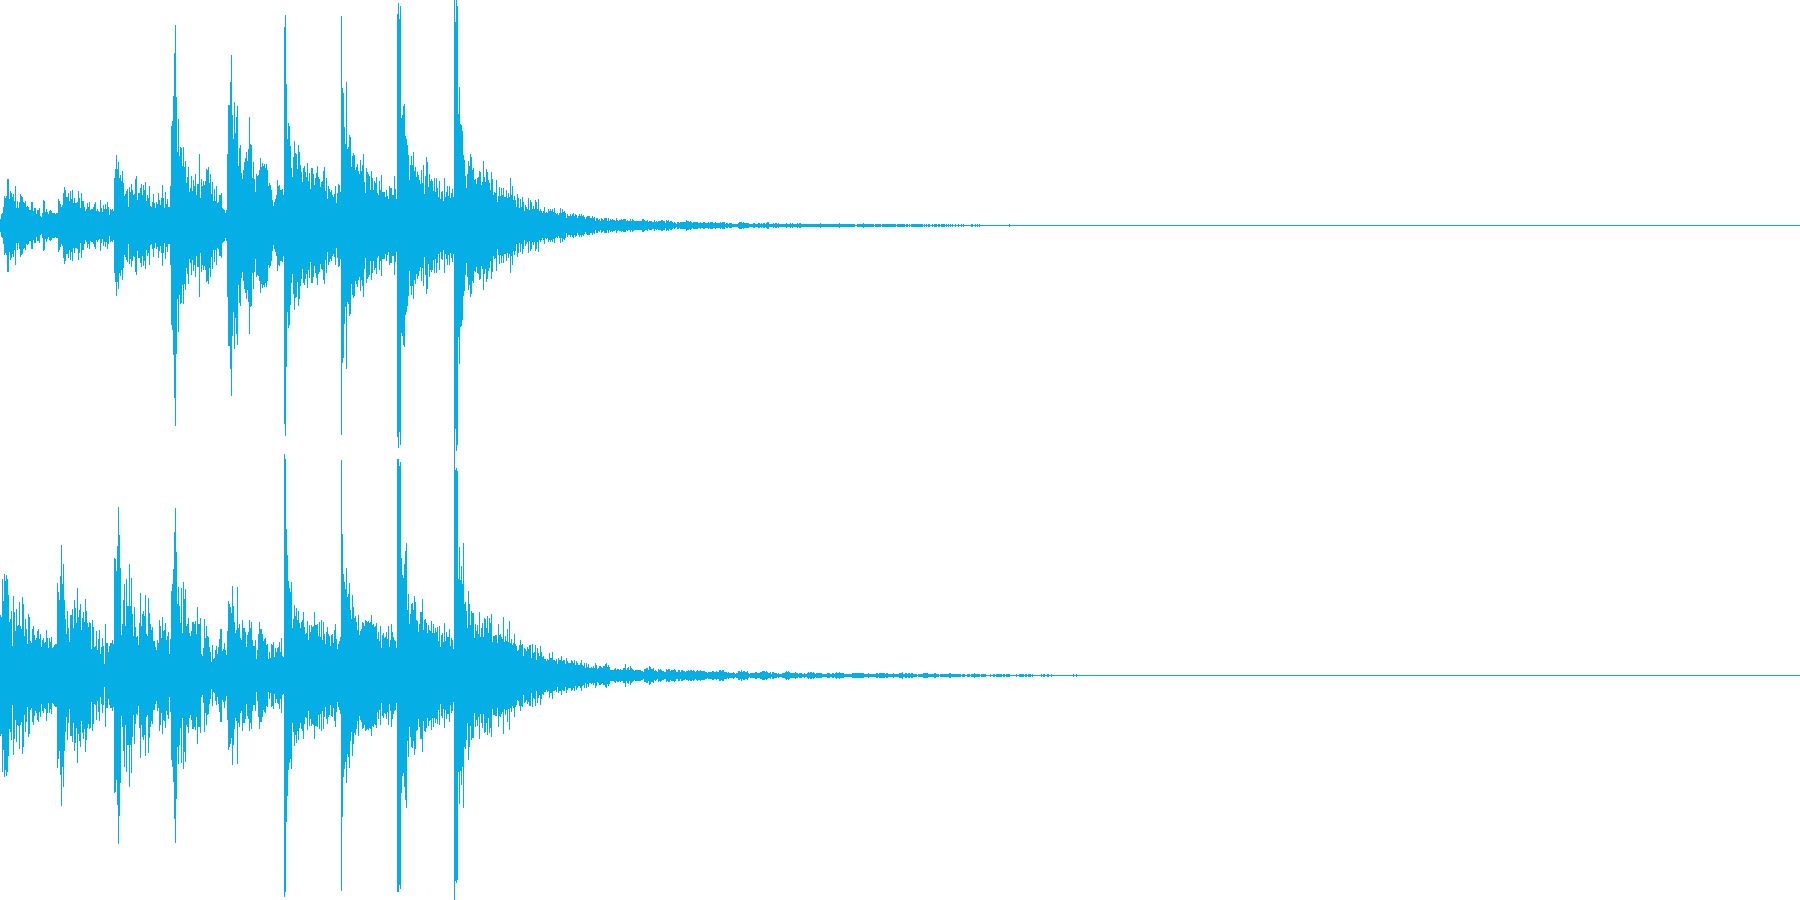 タム回し/高音へ/ドラムフィル/2の再生済みの波形